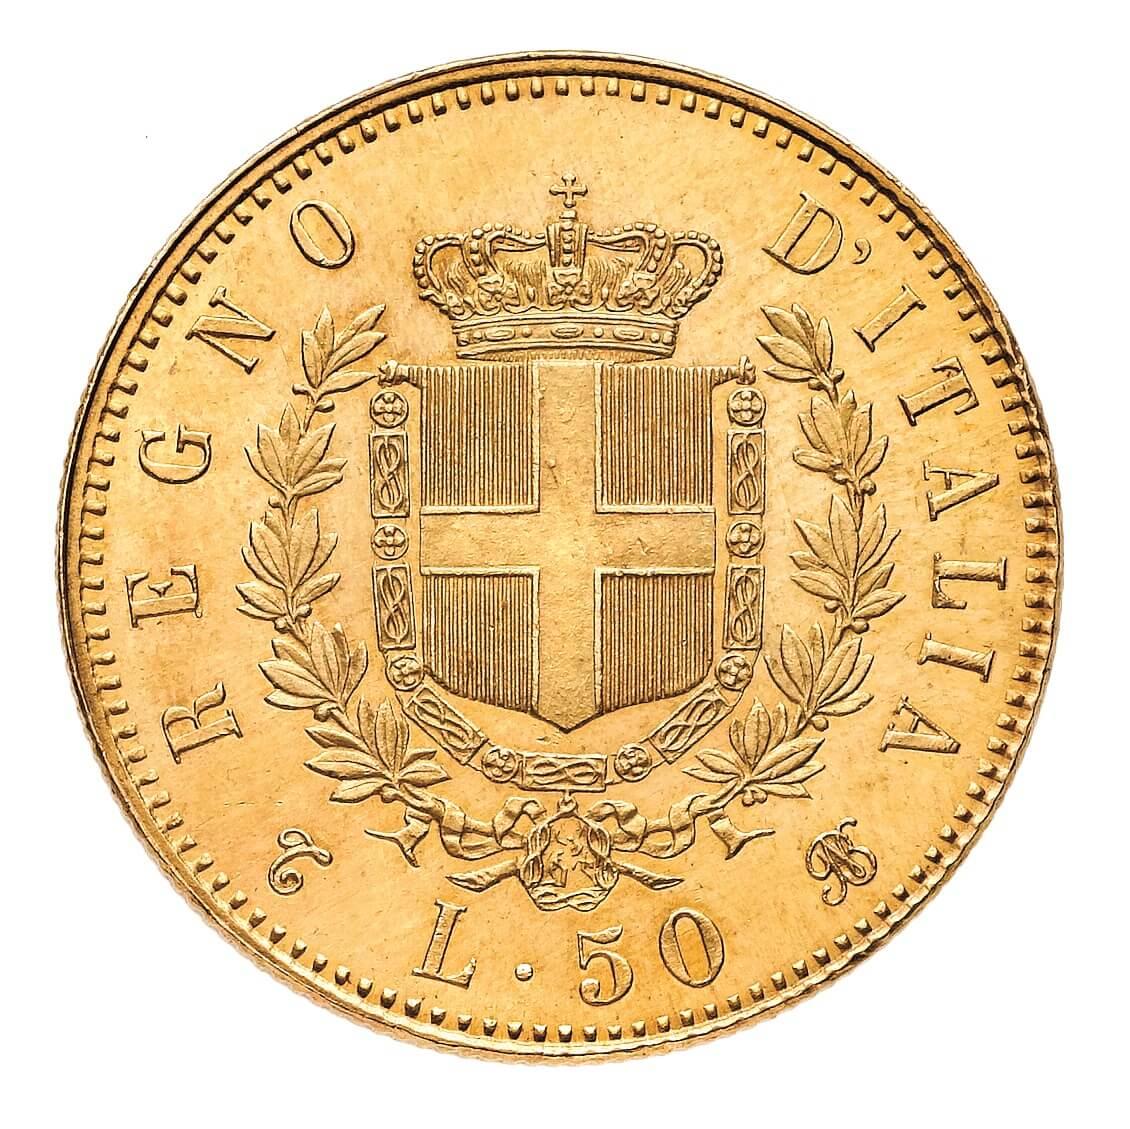 Venne coniata a Torino (sigla T BN) questa rarità di prim'ordine della serie del Regno d'Italia